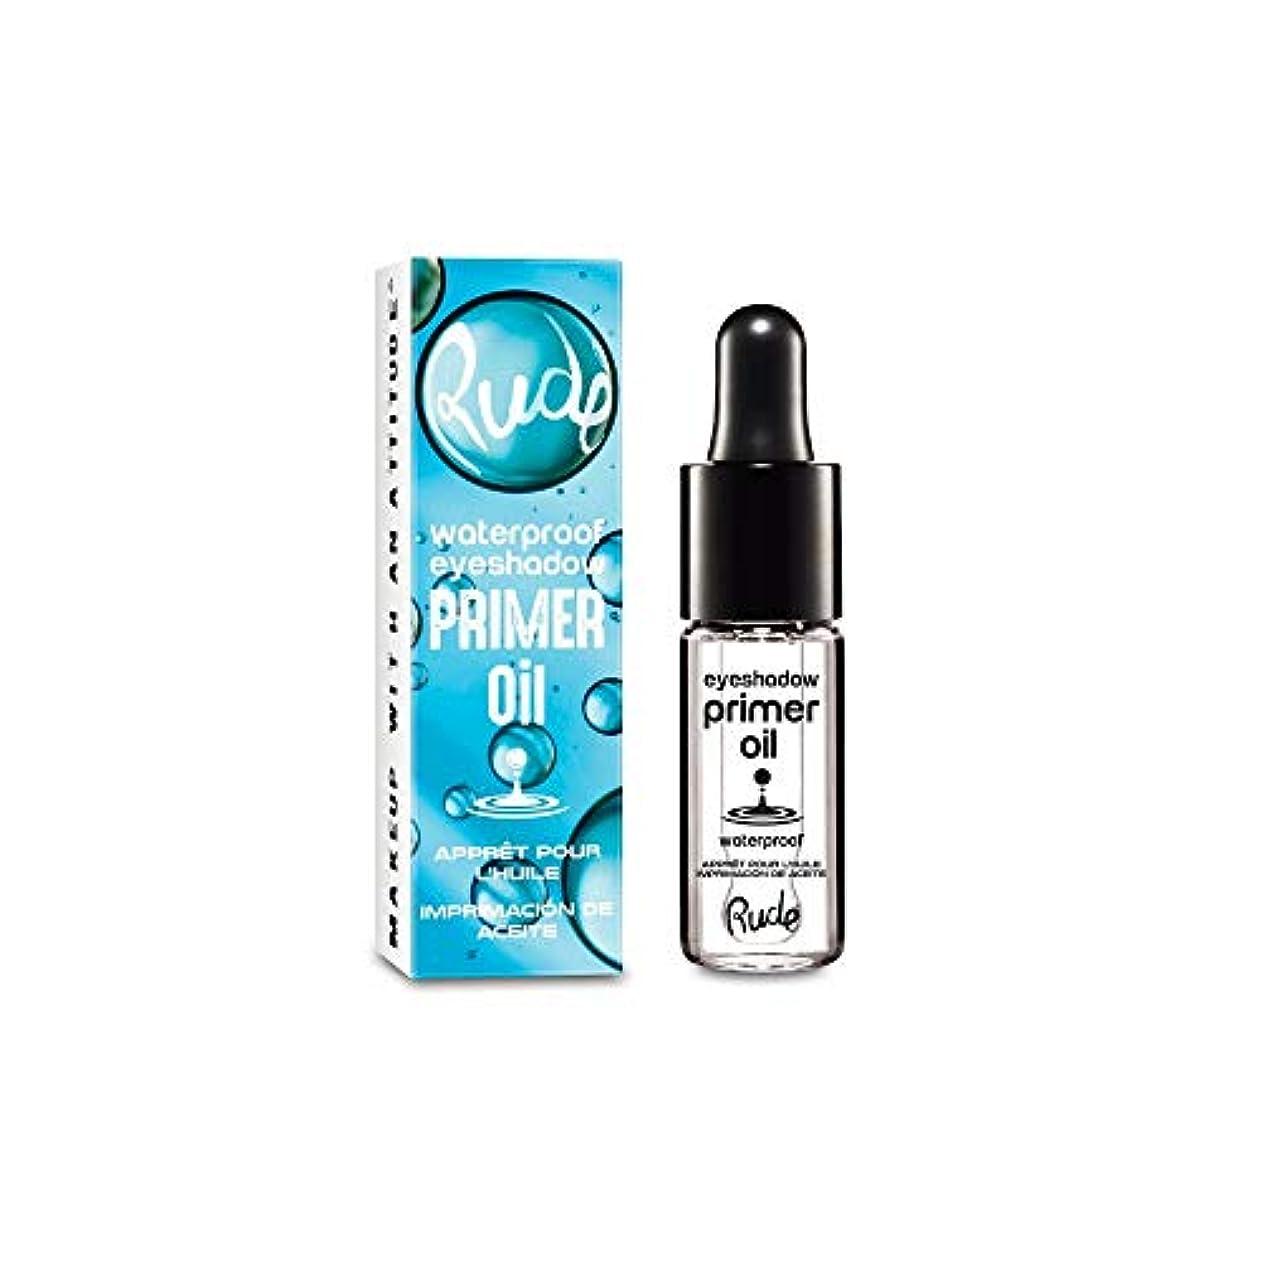 にはまって前書き伴う(3 Pack) RUDE Waterproof Eyeshadow Primer Oil (並行輸入品)